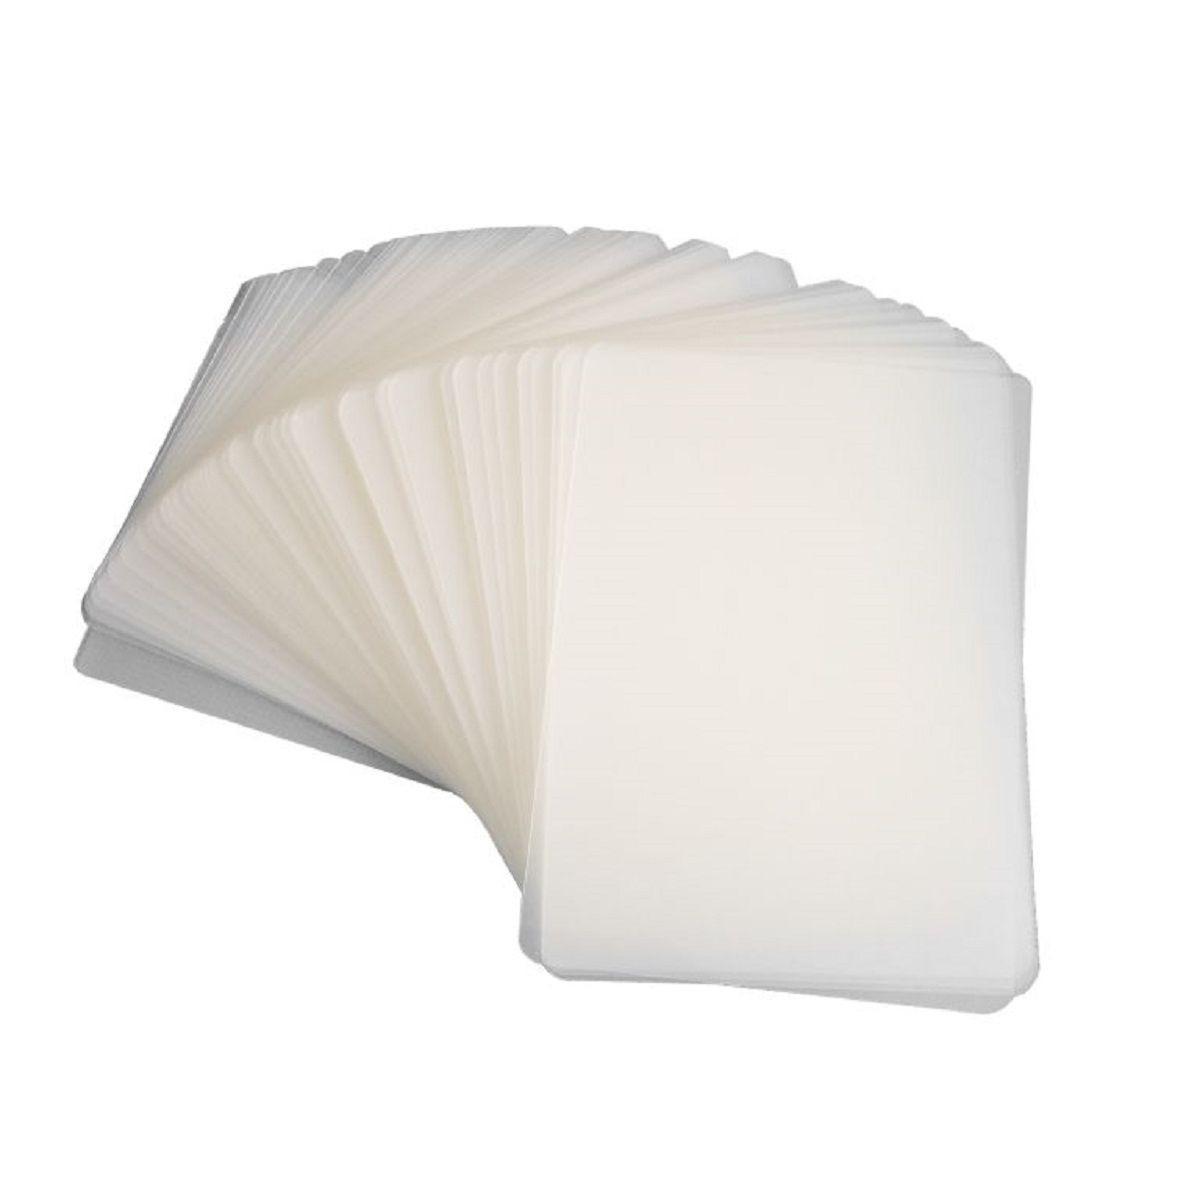 Kit 1000 Plasticos Polaseal para Plastificação RG 80x110x0,10mm (250 micras)  - Click Suprimentos